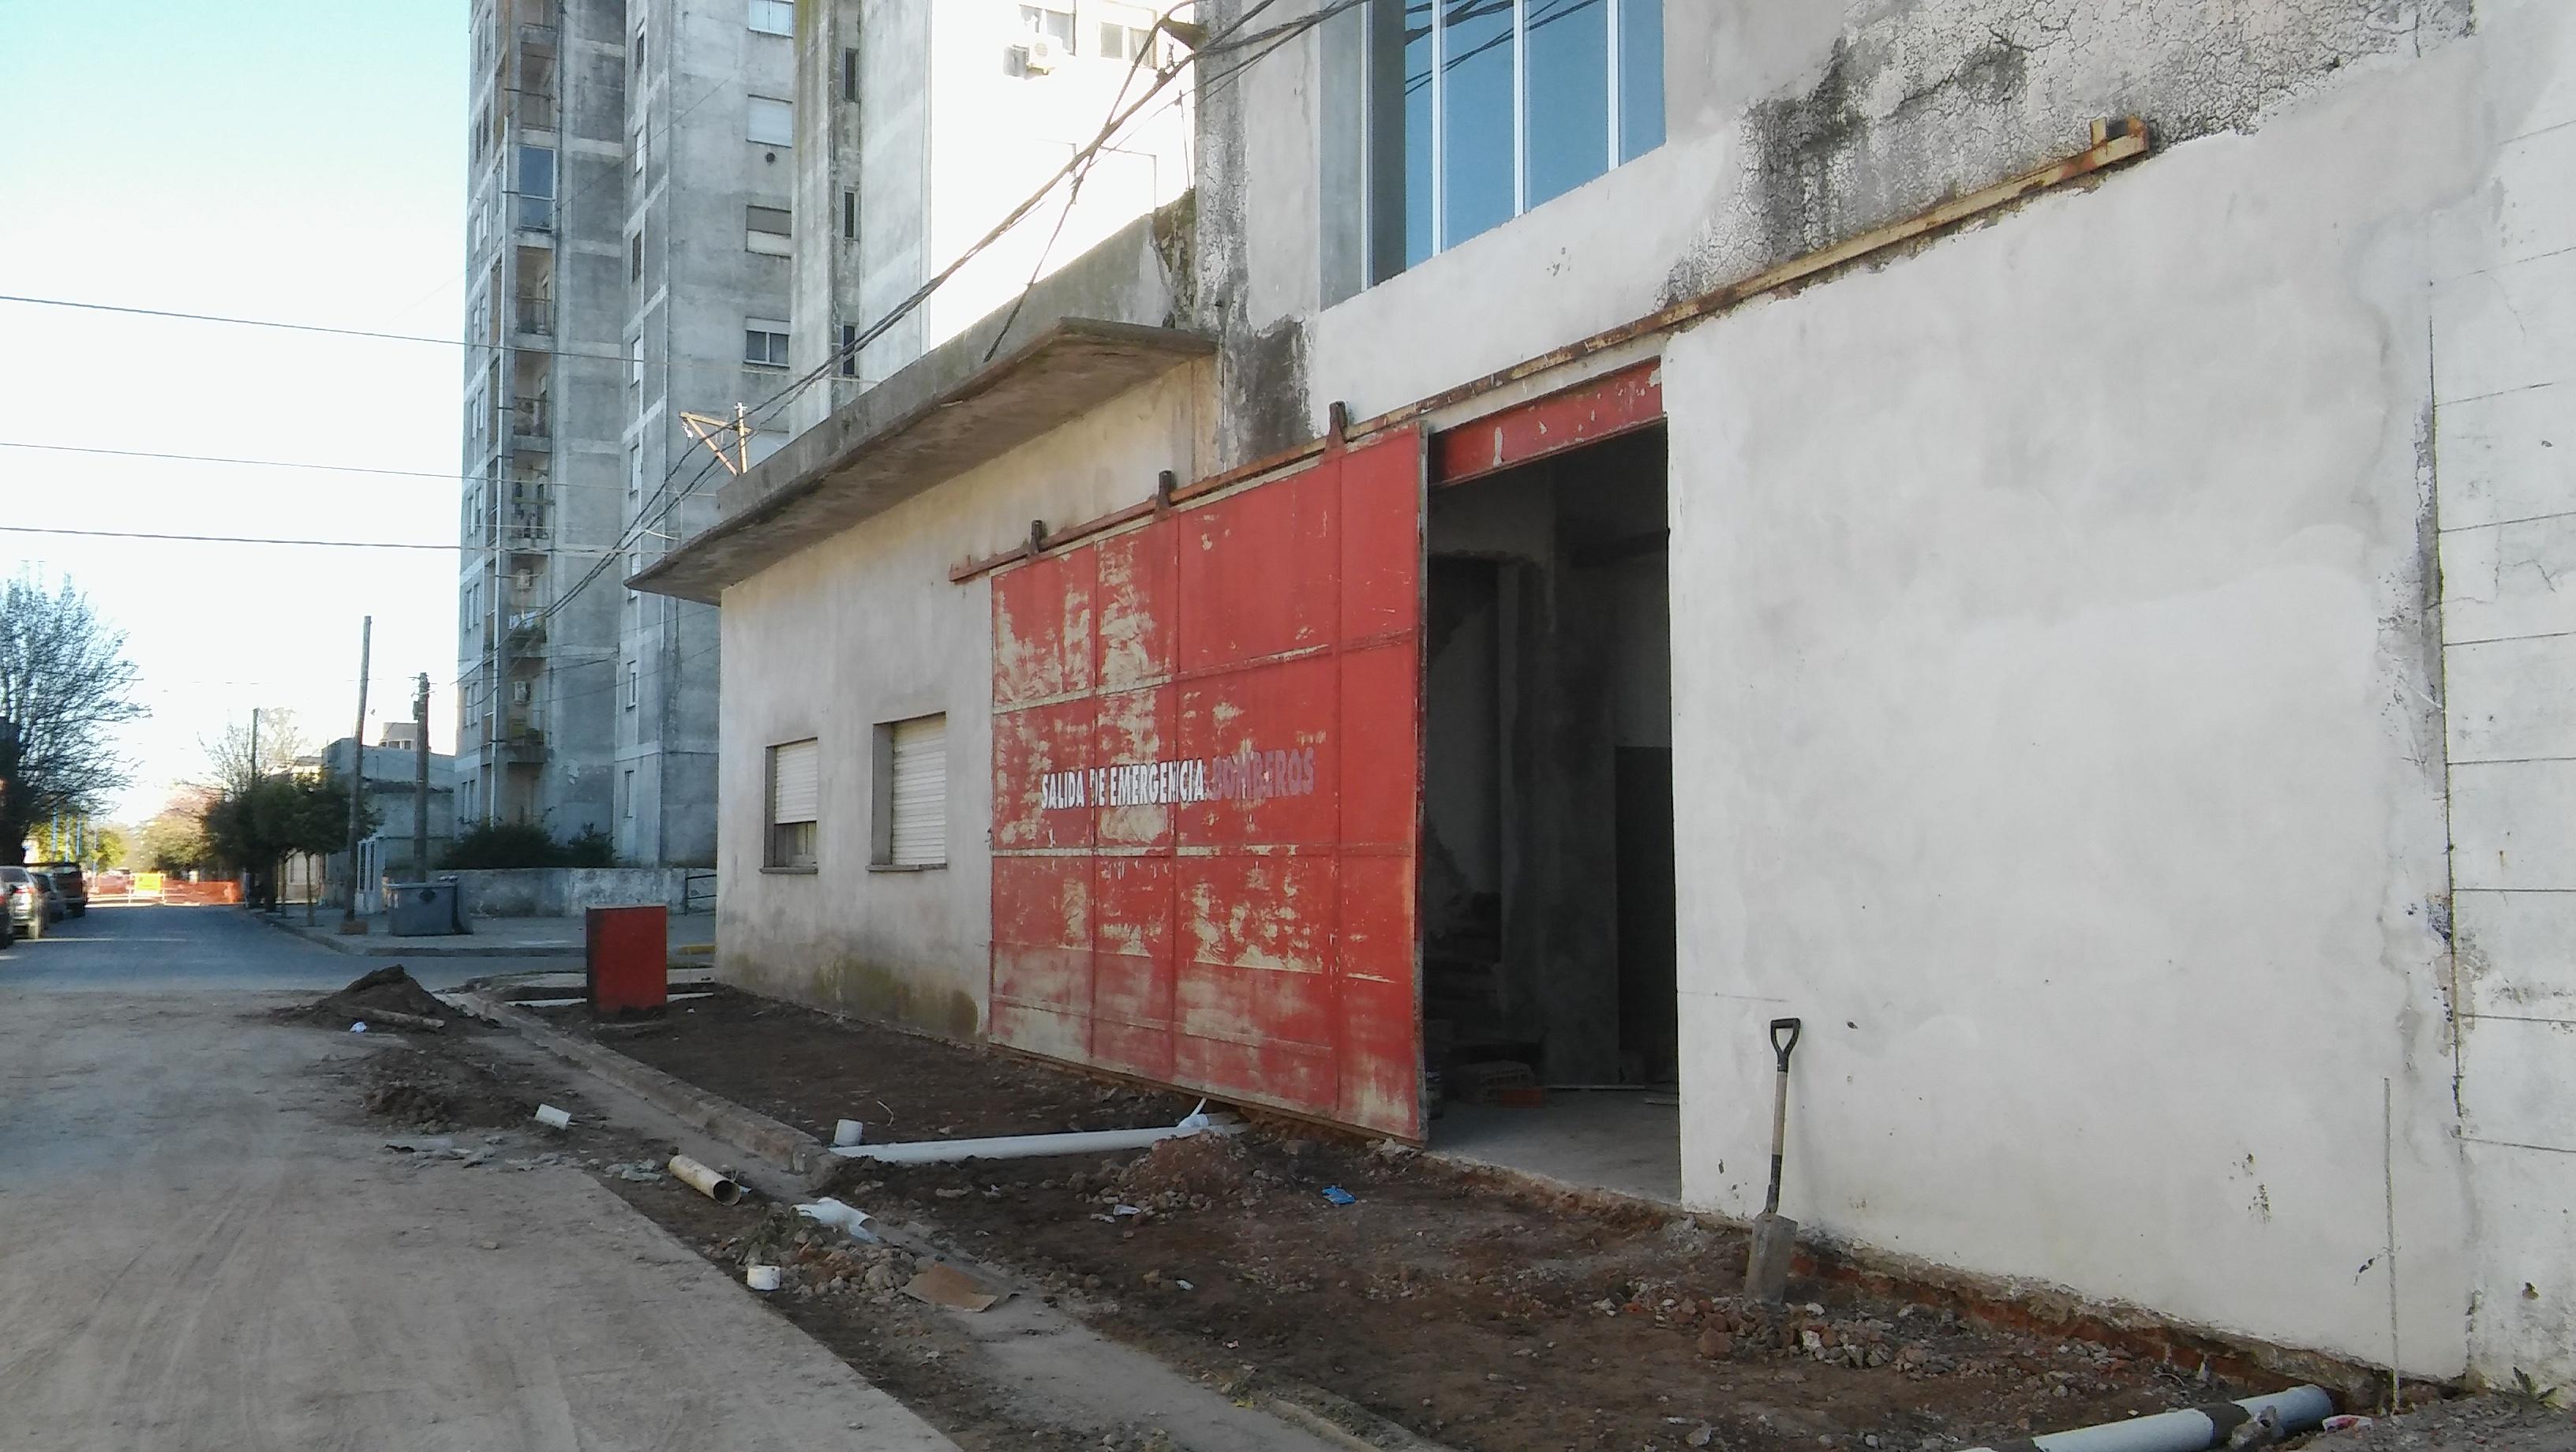 Recordemos que las obras se llevan a cabo en las antiguas instalaciones del cuartel de bomberos, que fueran adquiridas por el Municipio al comienzo de la actual gestión.